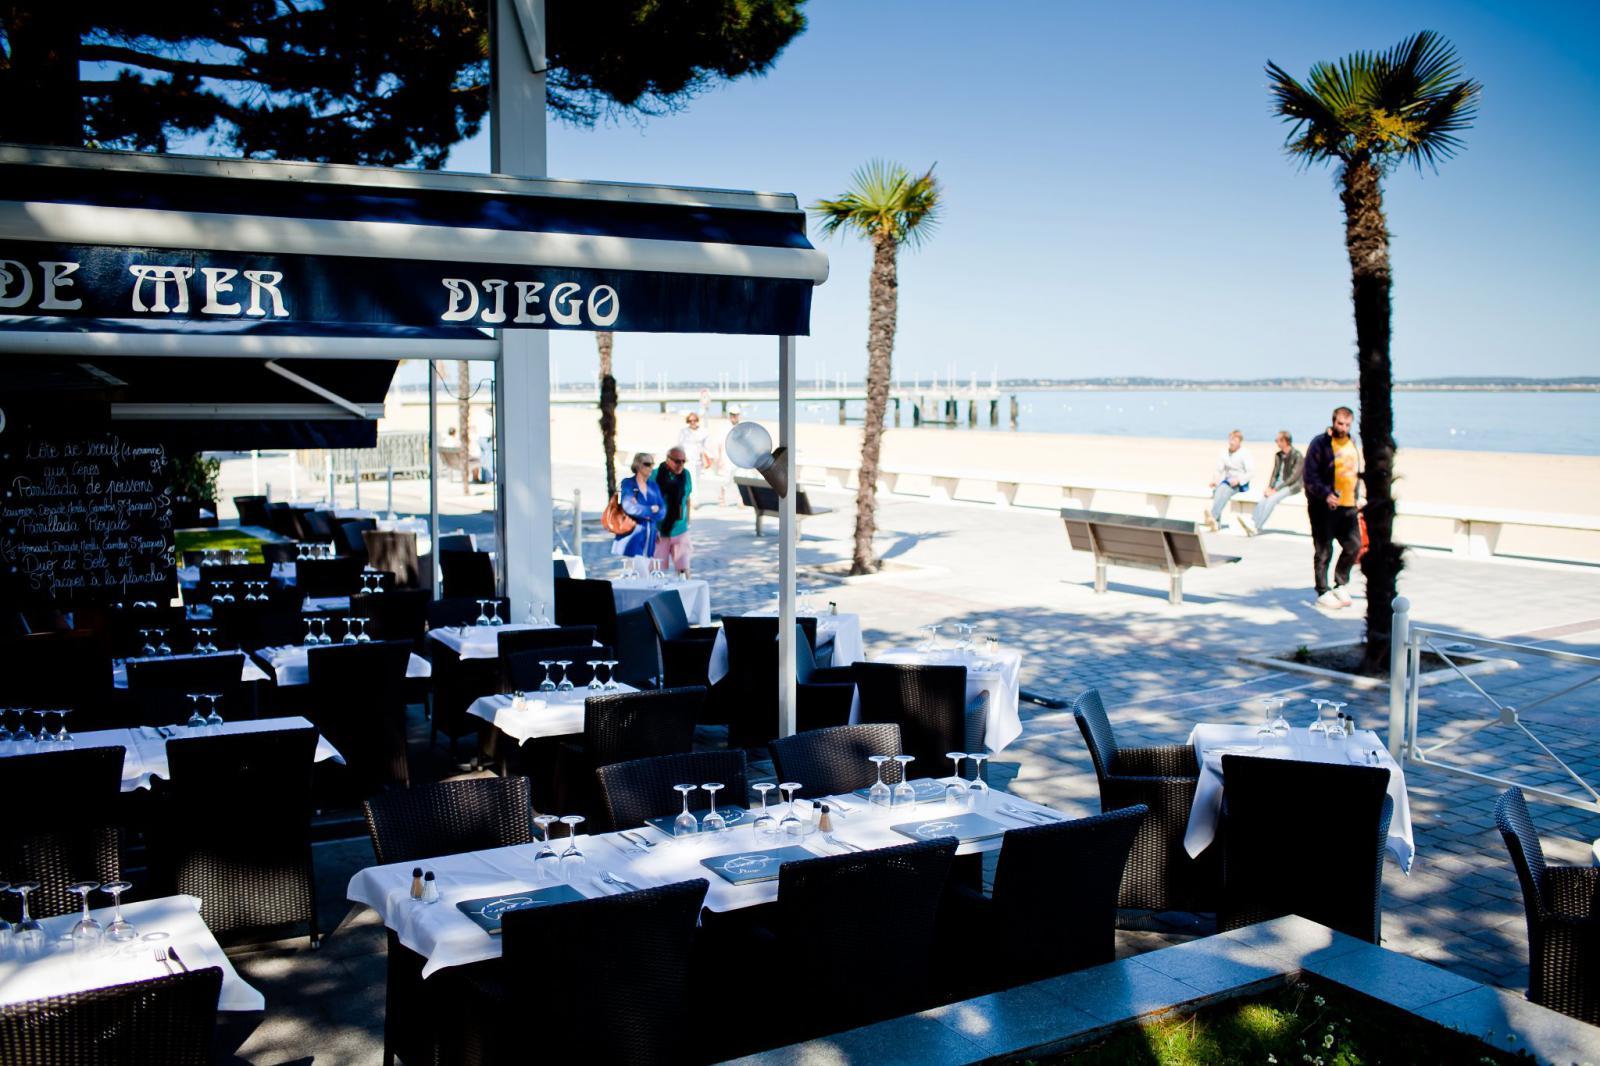 Diego plage plage am nag e arcachon 33120 arcachon l 39 - Restaurant starck arcachon ...